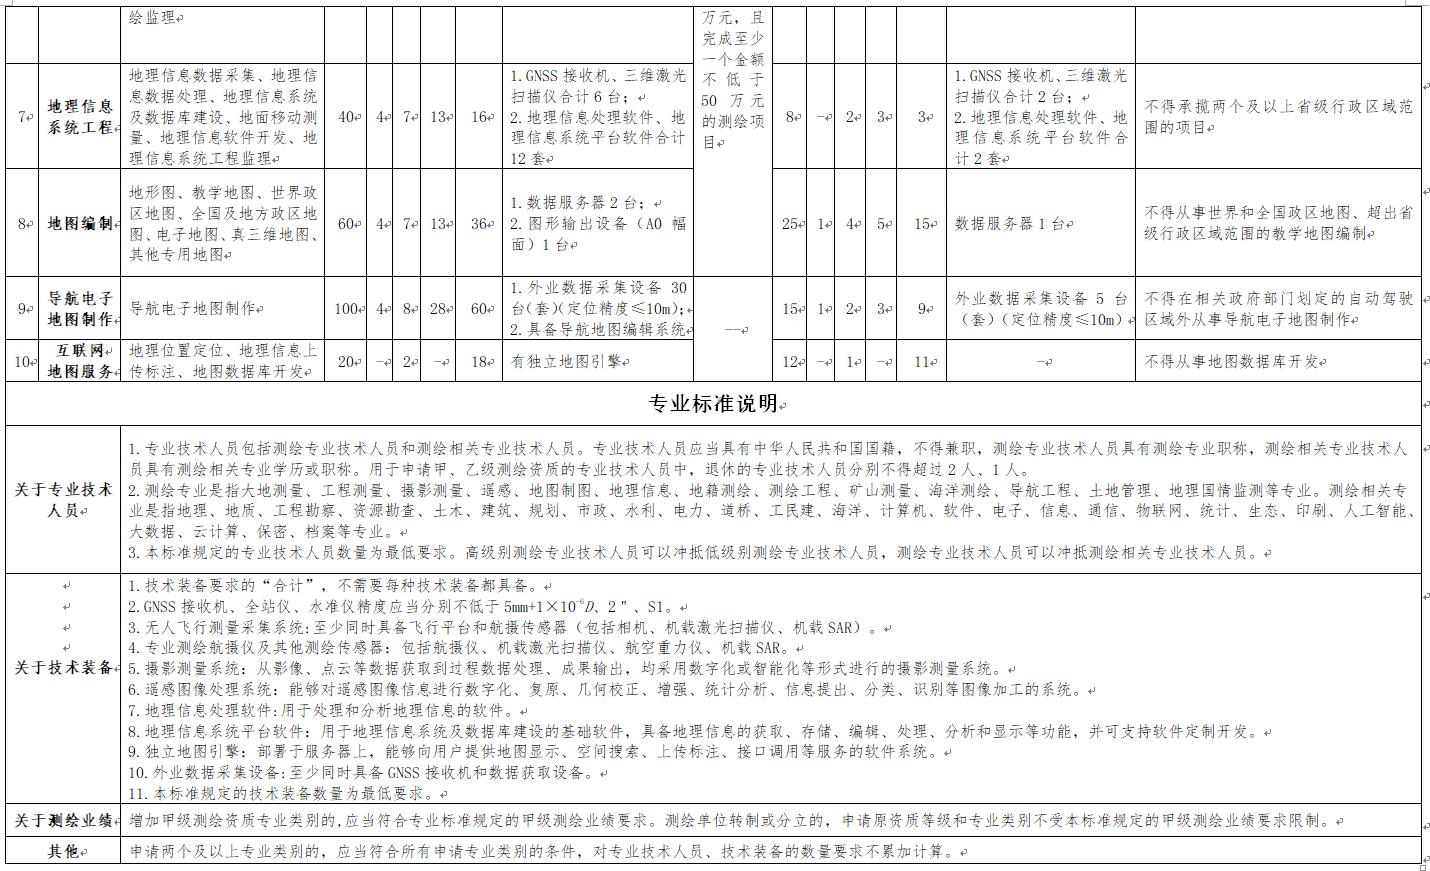 测绘资质管理办法和测绘资质分类分级标准